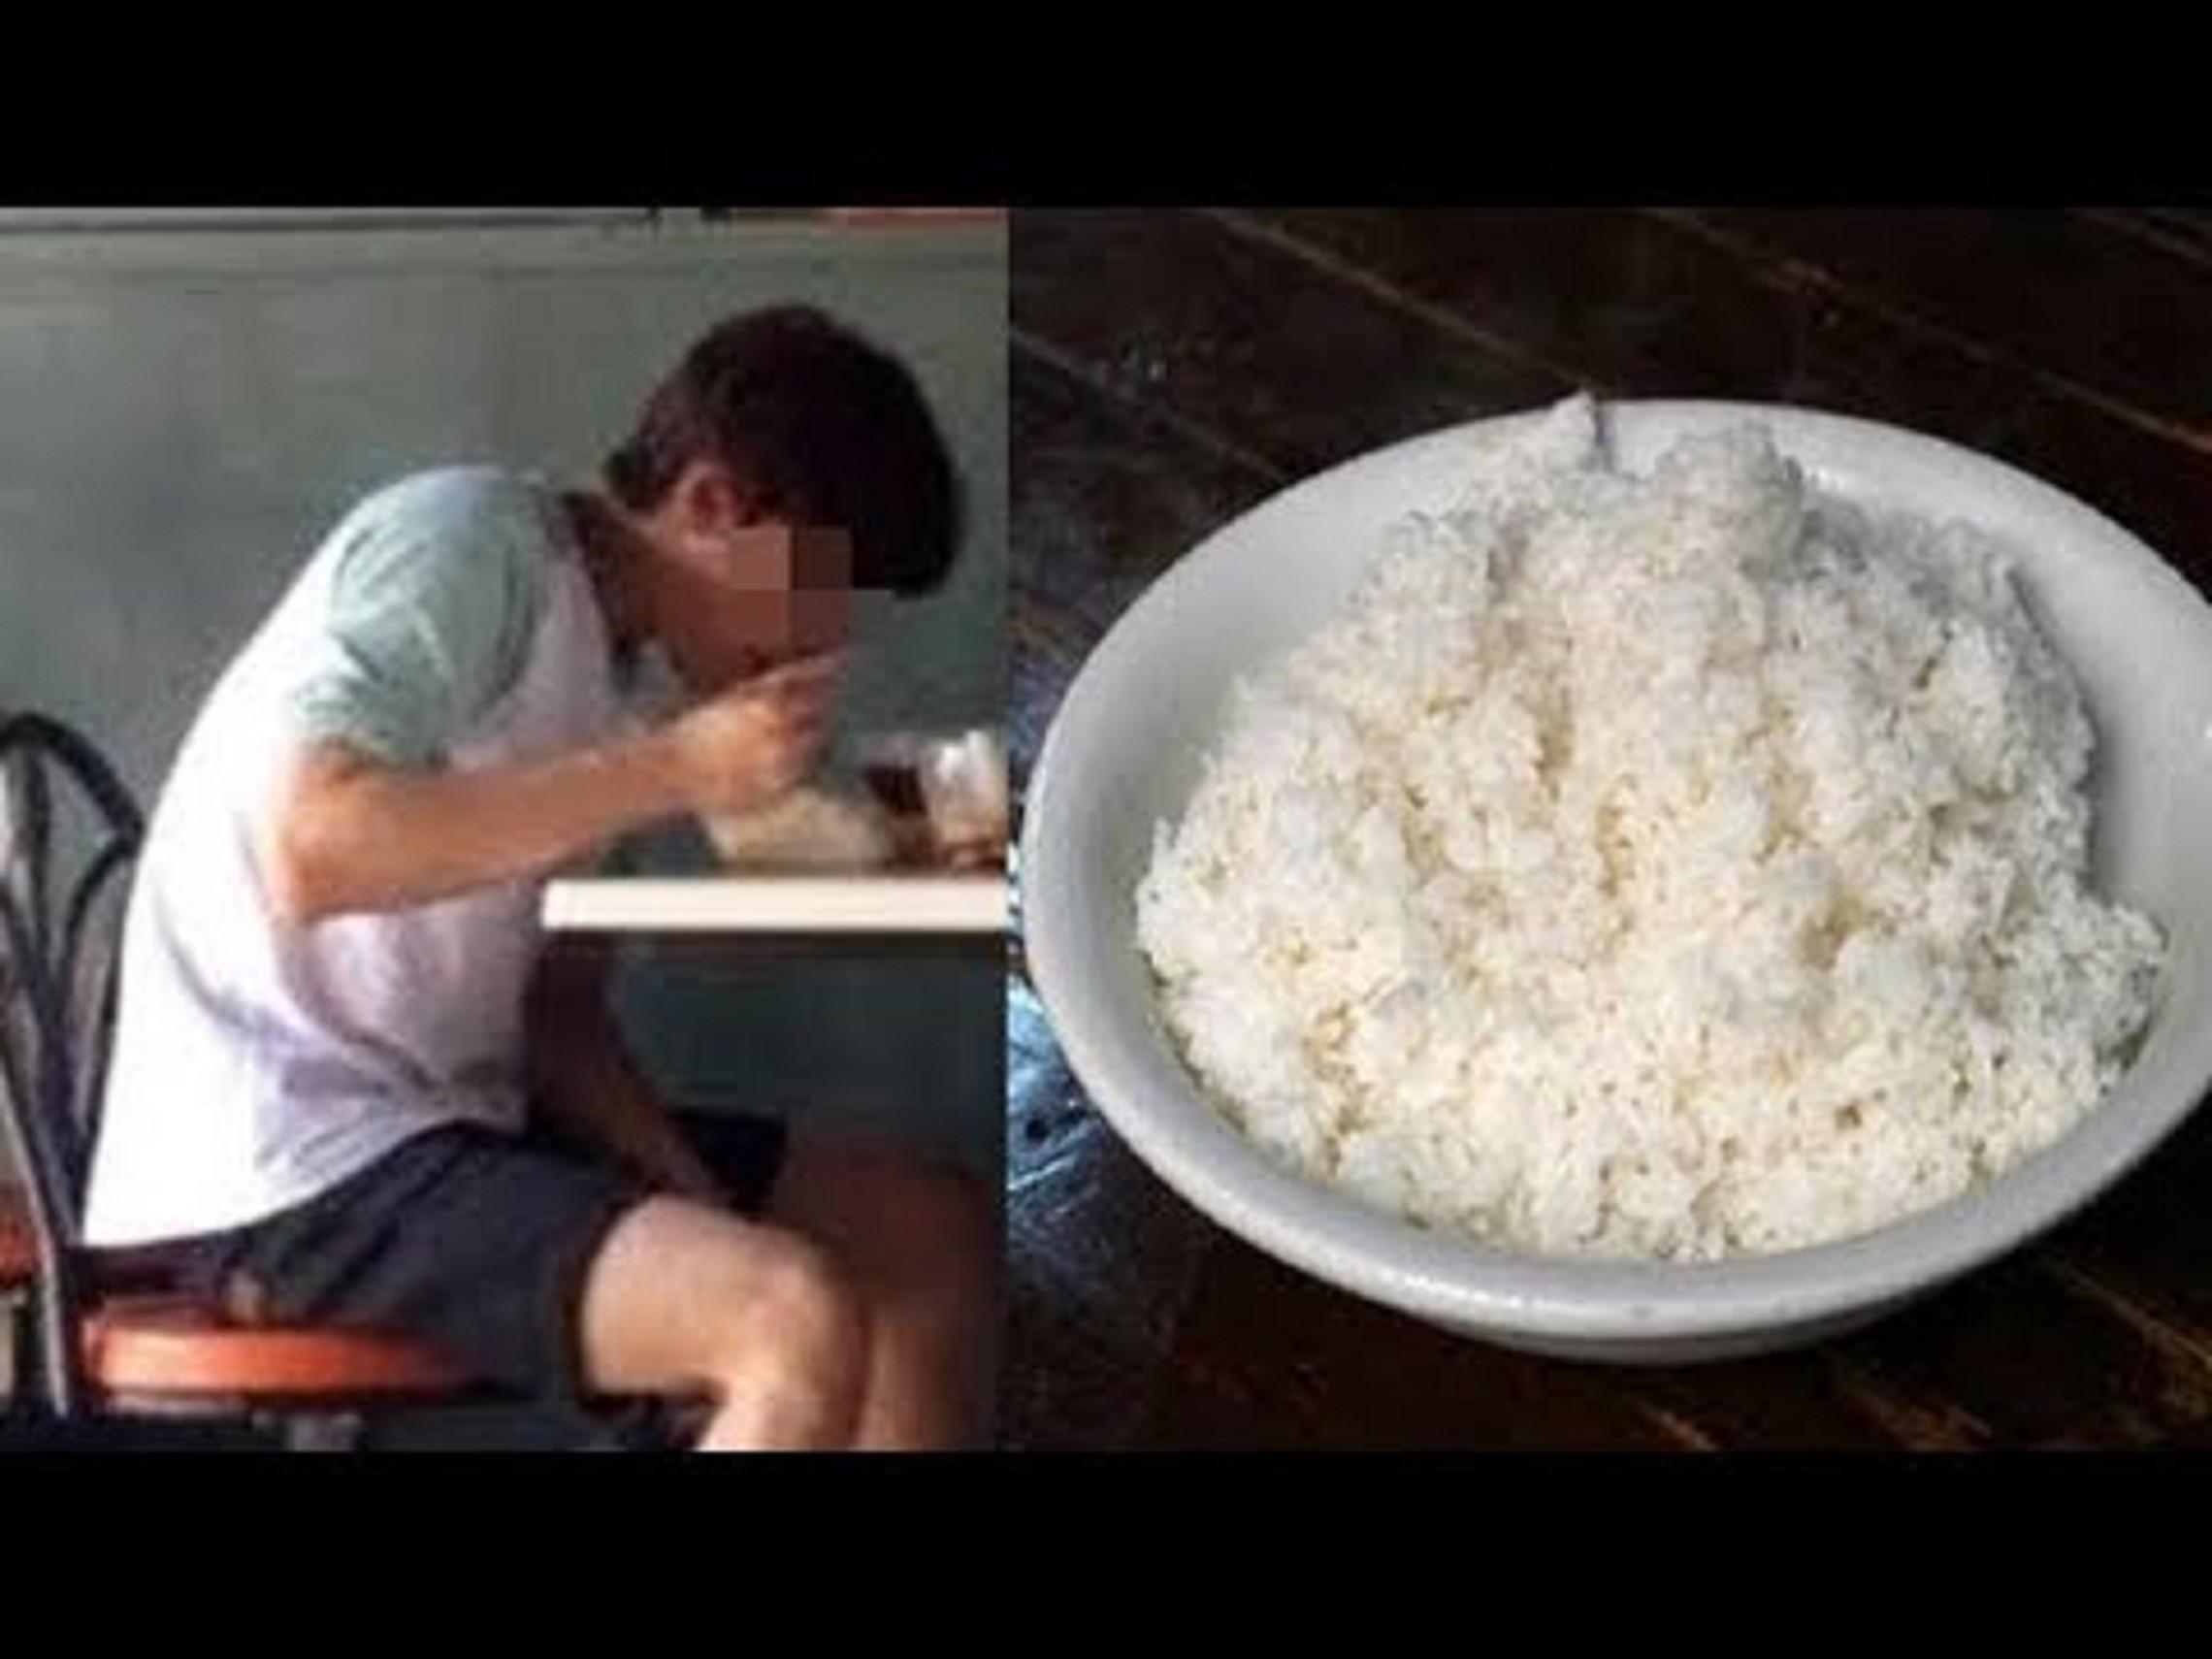 Kisah haru seorang mahasiswa miskin yang hanya makan nasi selama kuliah namun ia selalu diberikan lauk oleh pemilik warung makan yang baik hati secara cuma-cuma, berakhir mengharukan (Sumber foto: youtube)